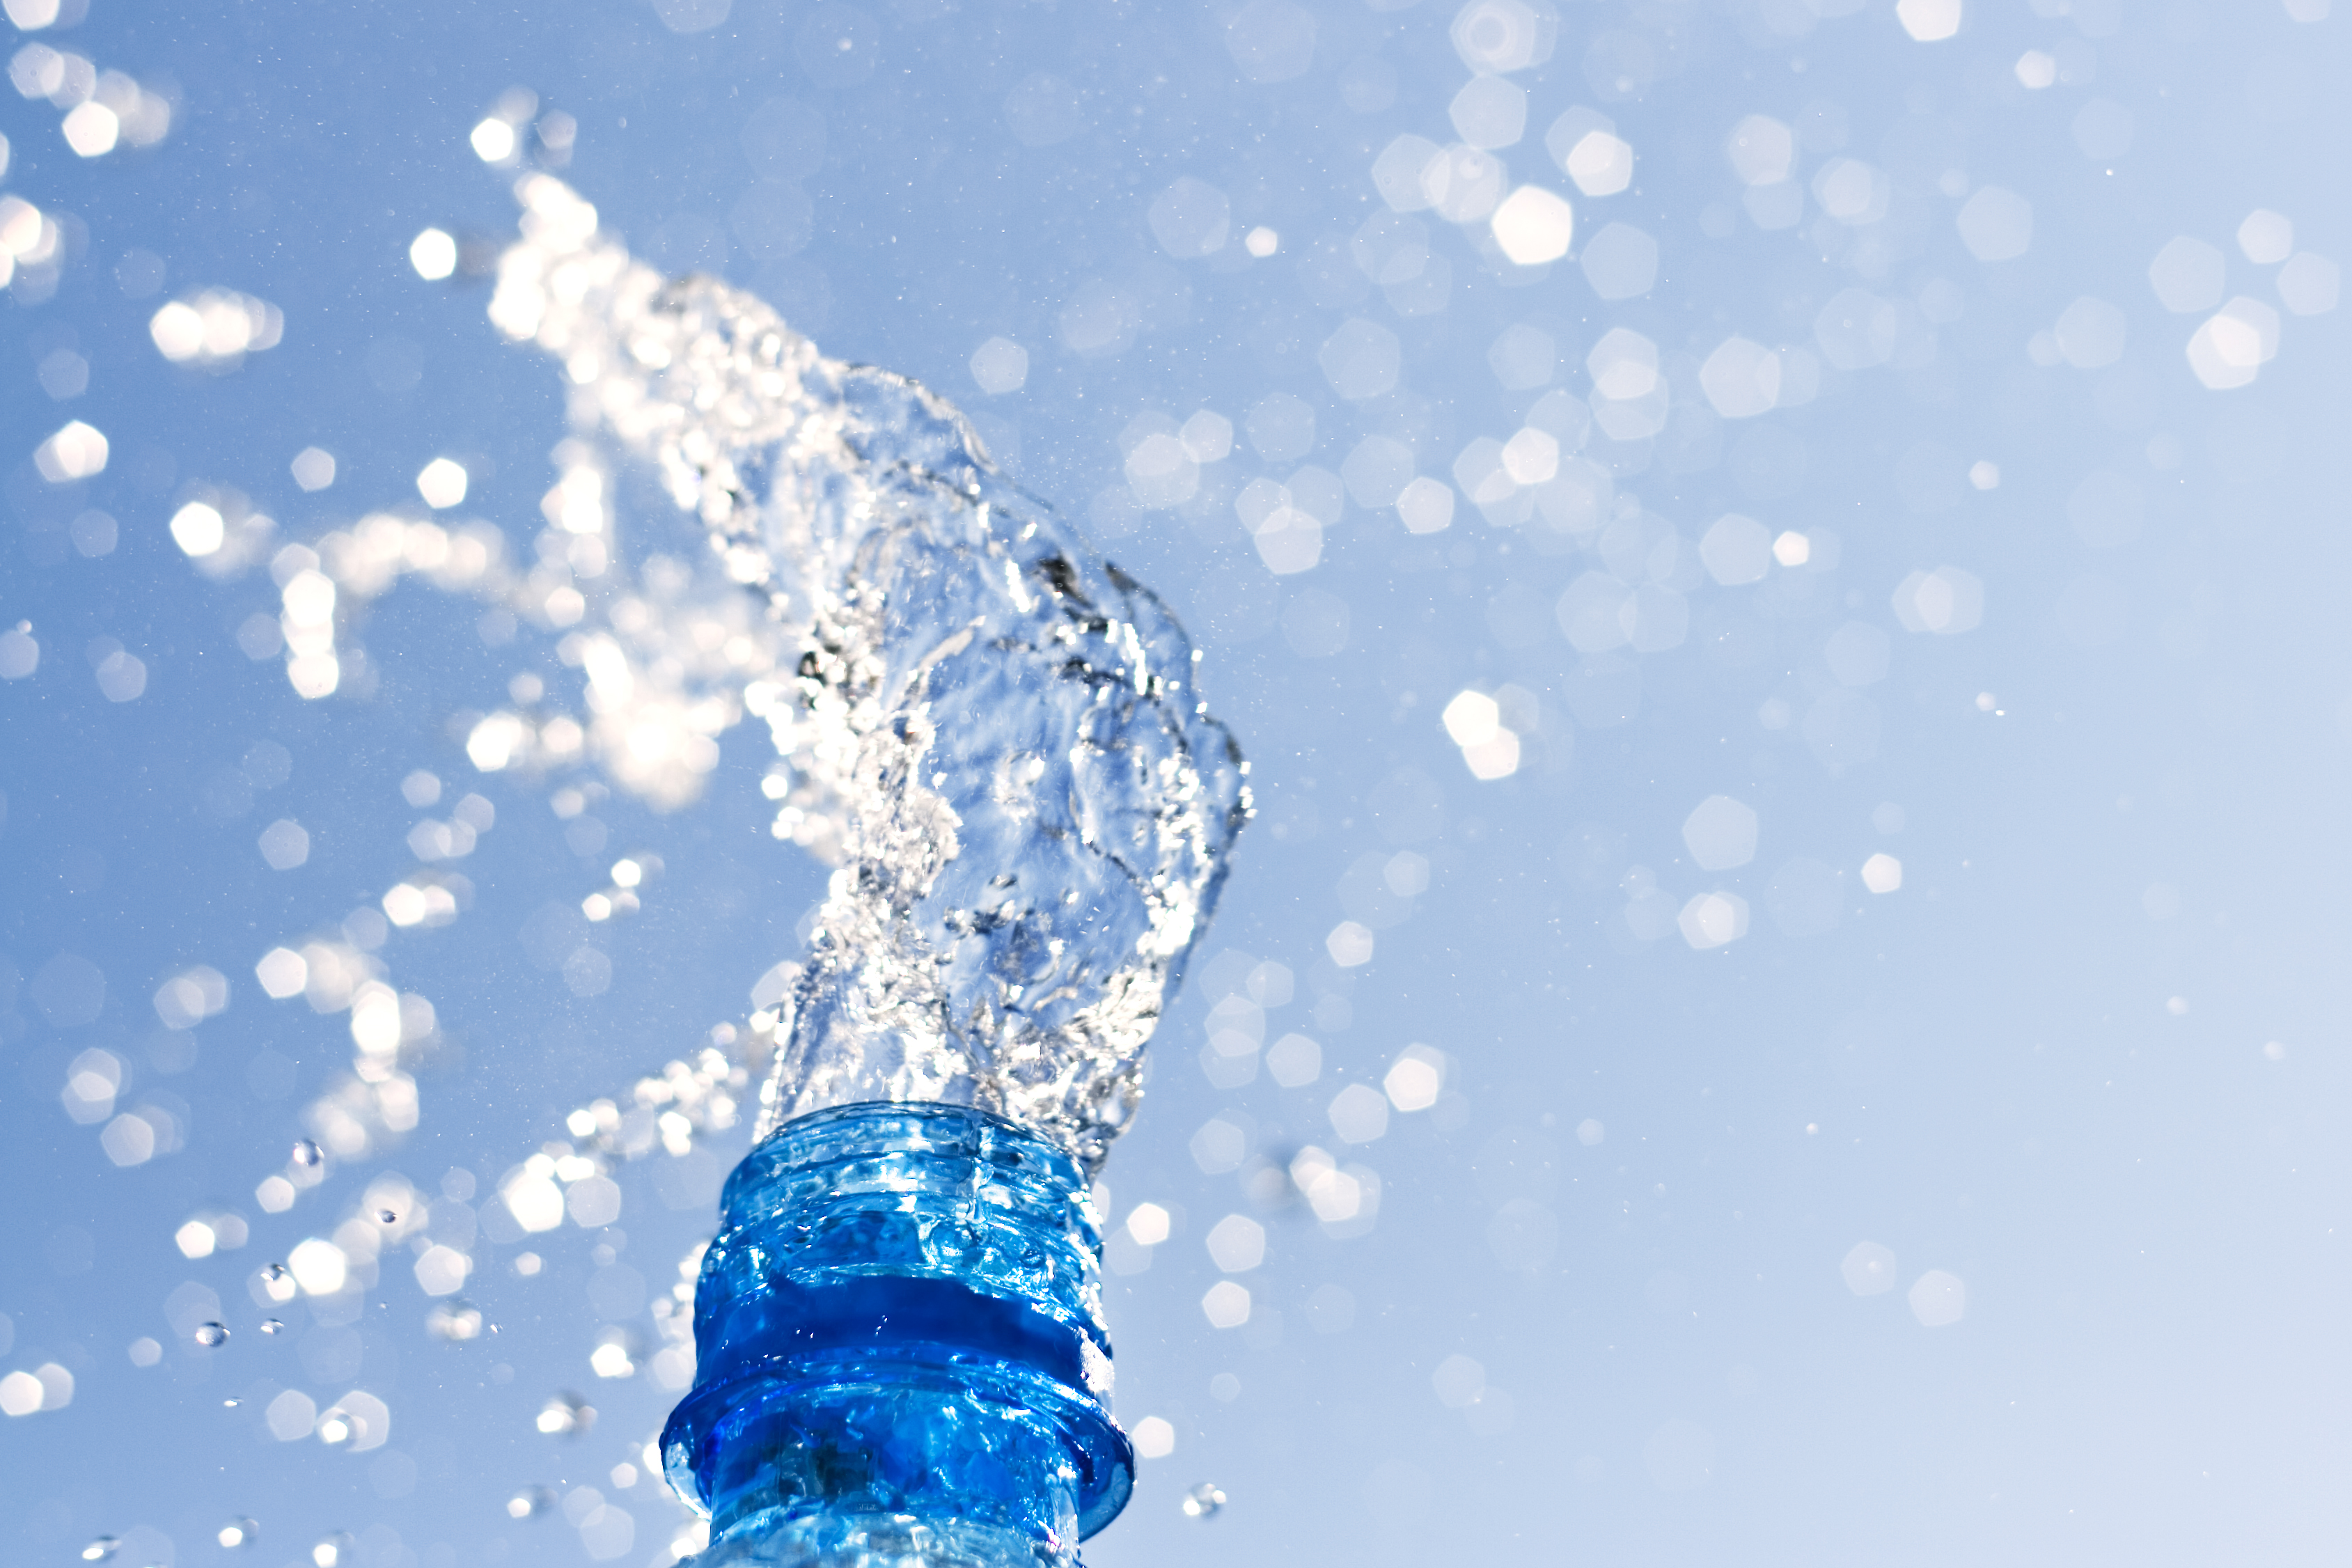 Splash over bottle